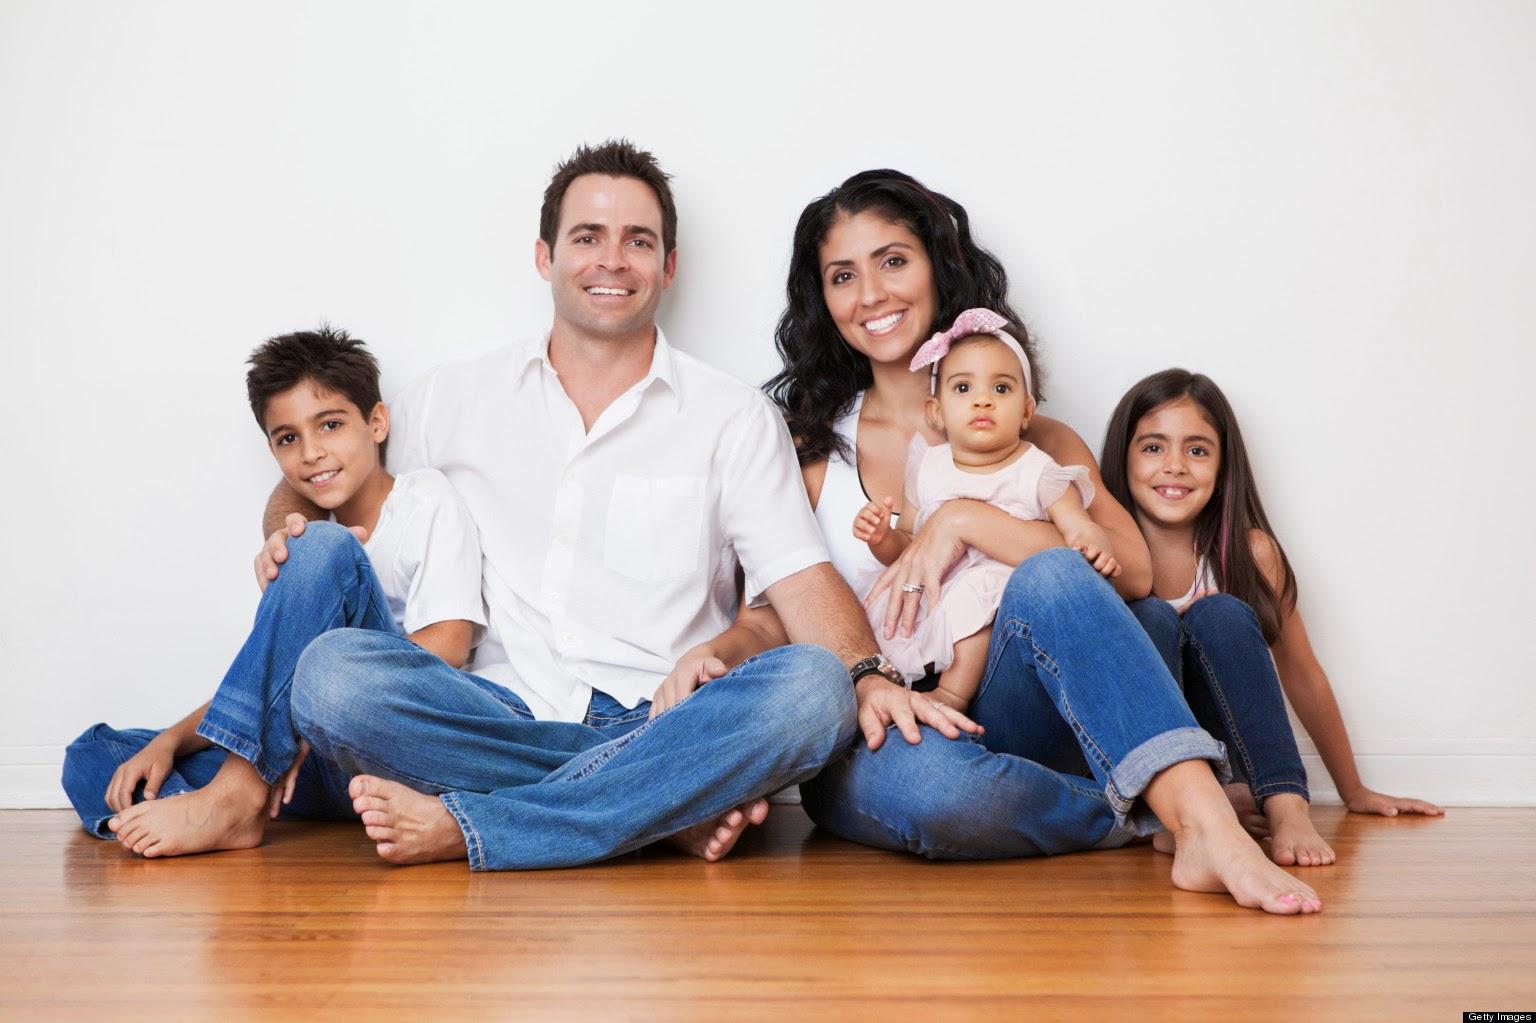 صورة صور عن العائله , افضل وارقى صور عن العائله